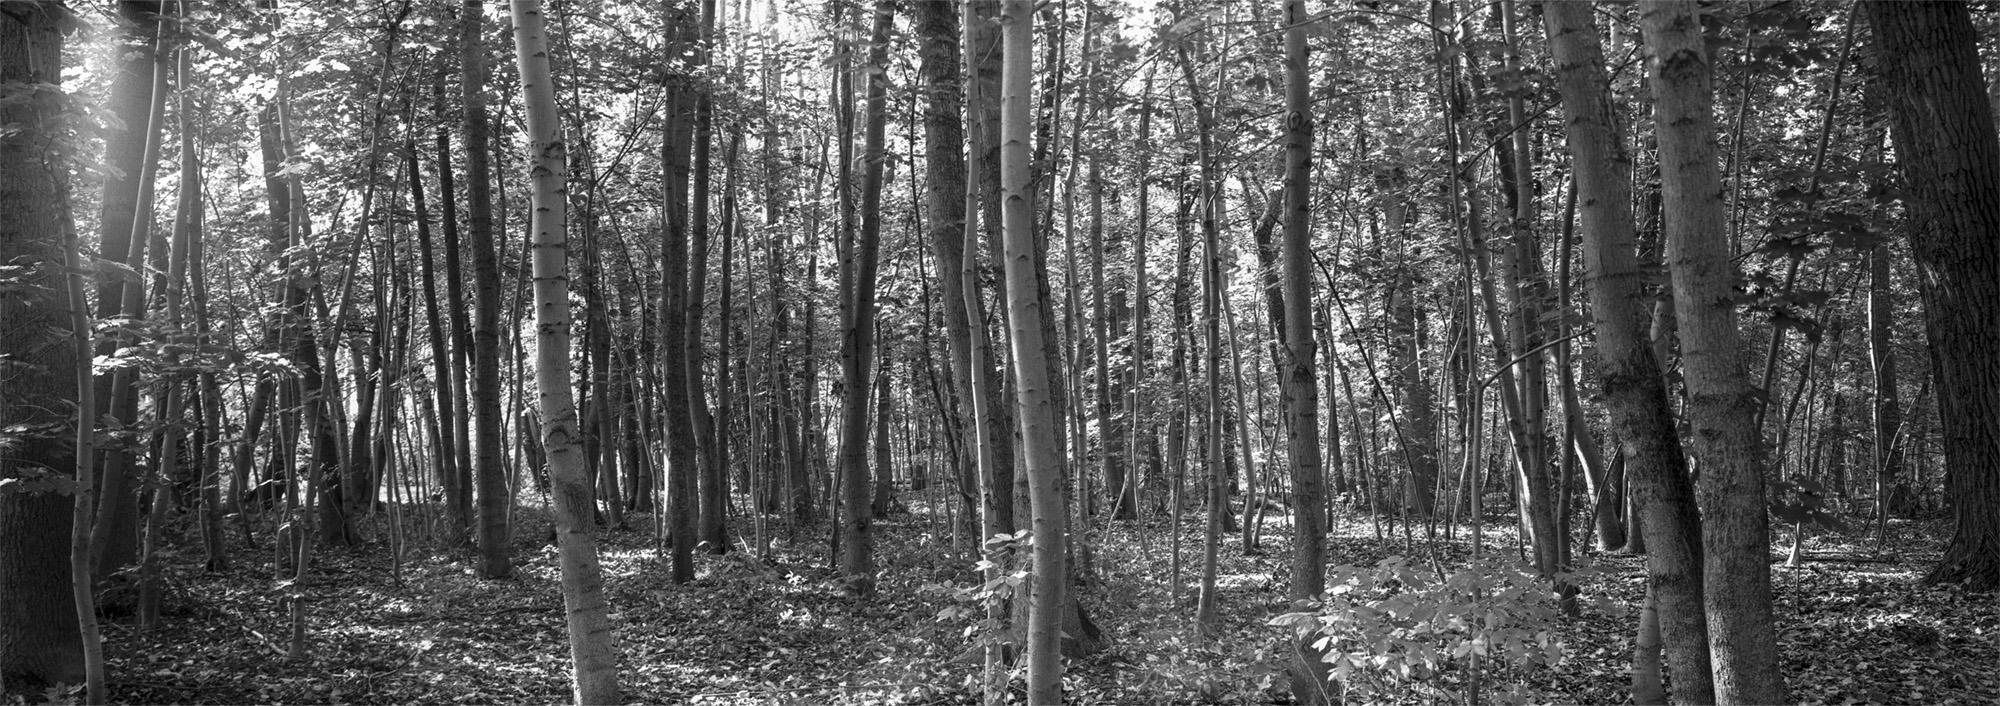 6x17 Panorama Wald Kleinmoelsen Grossformatkamera analog